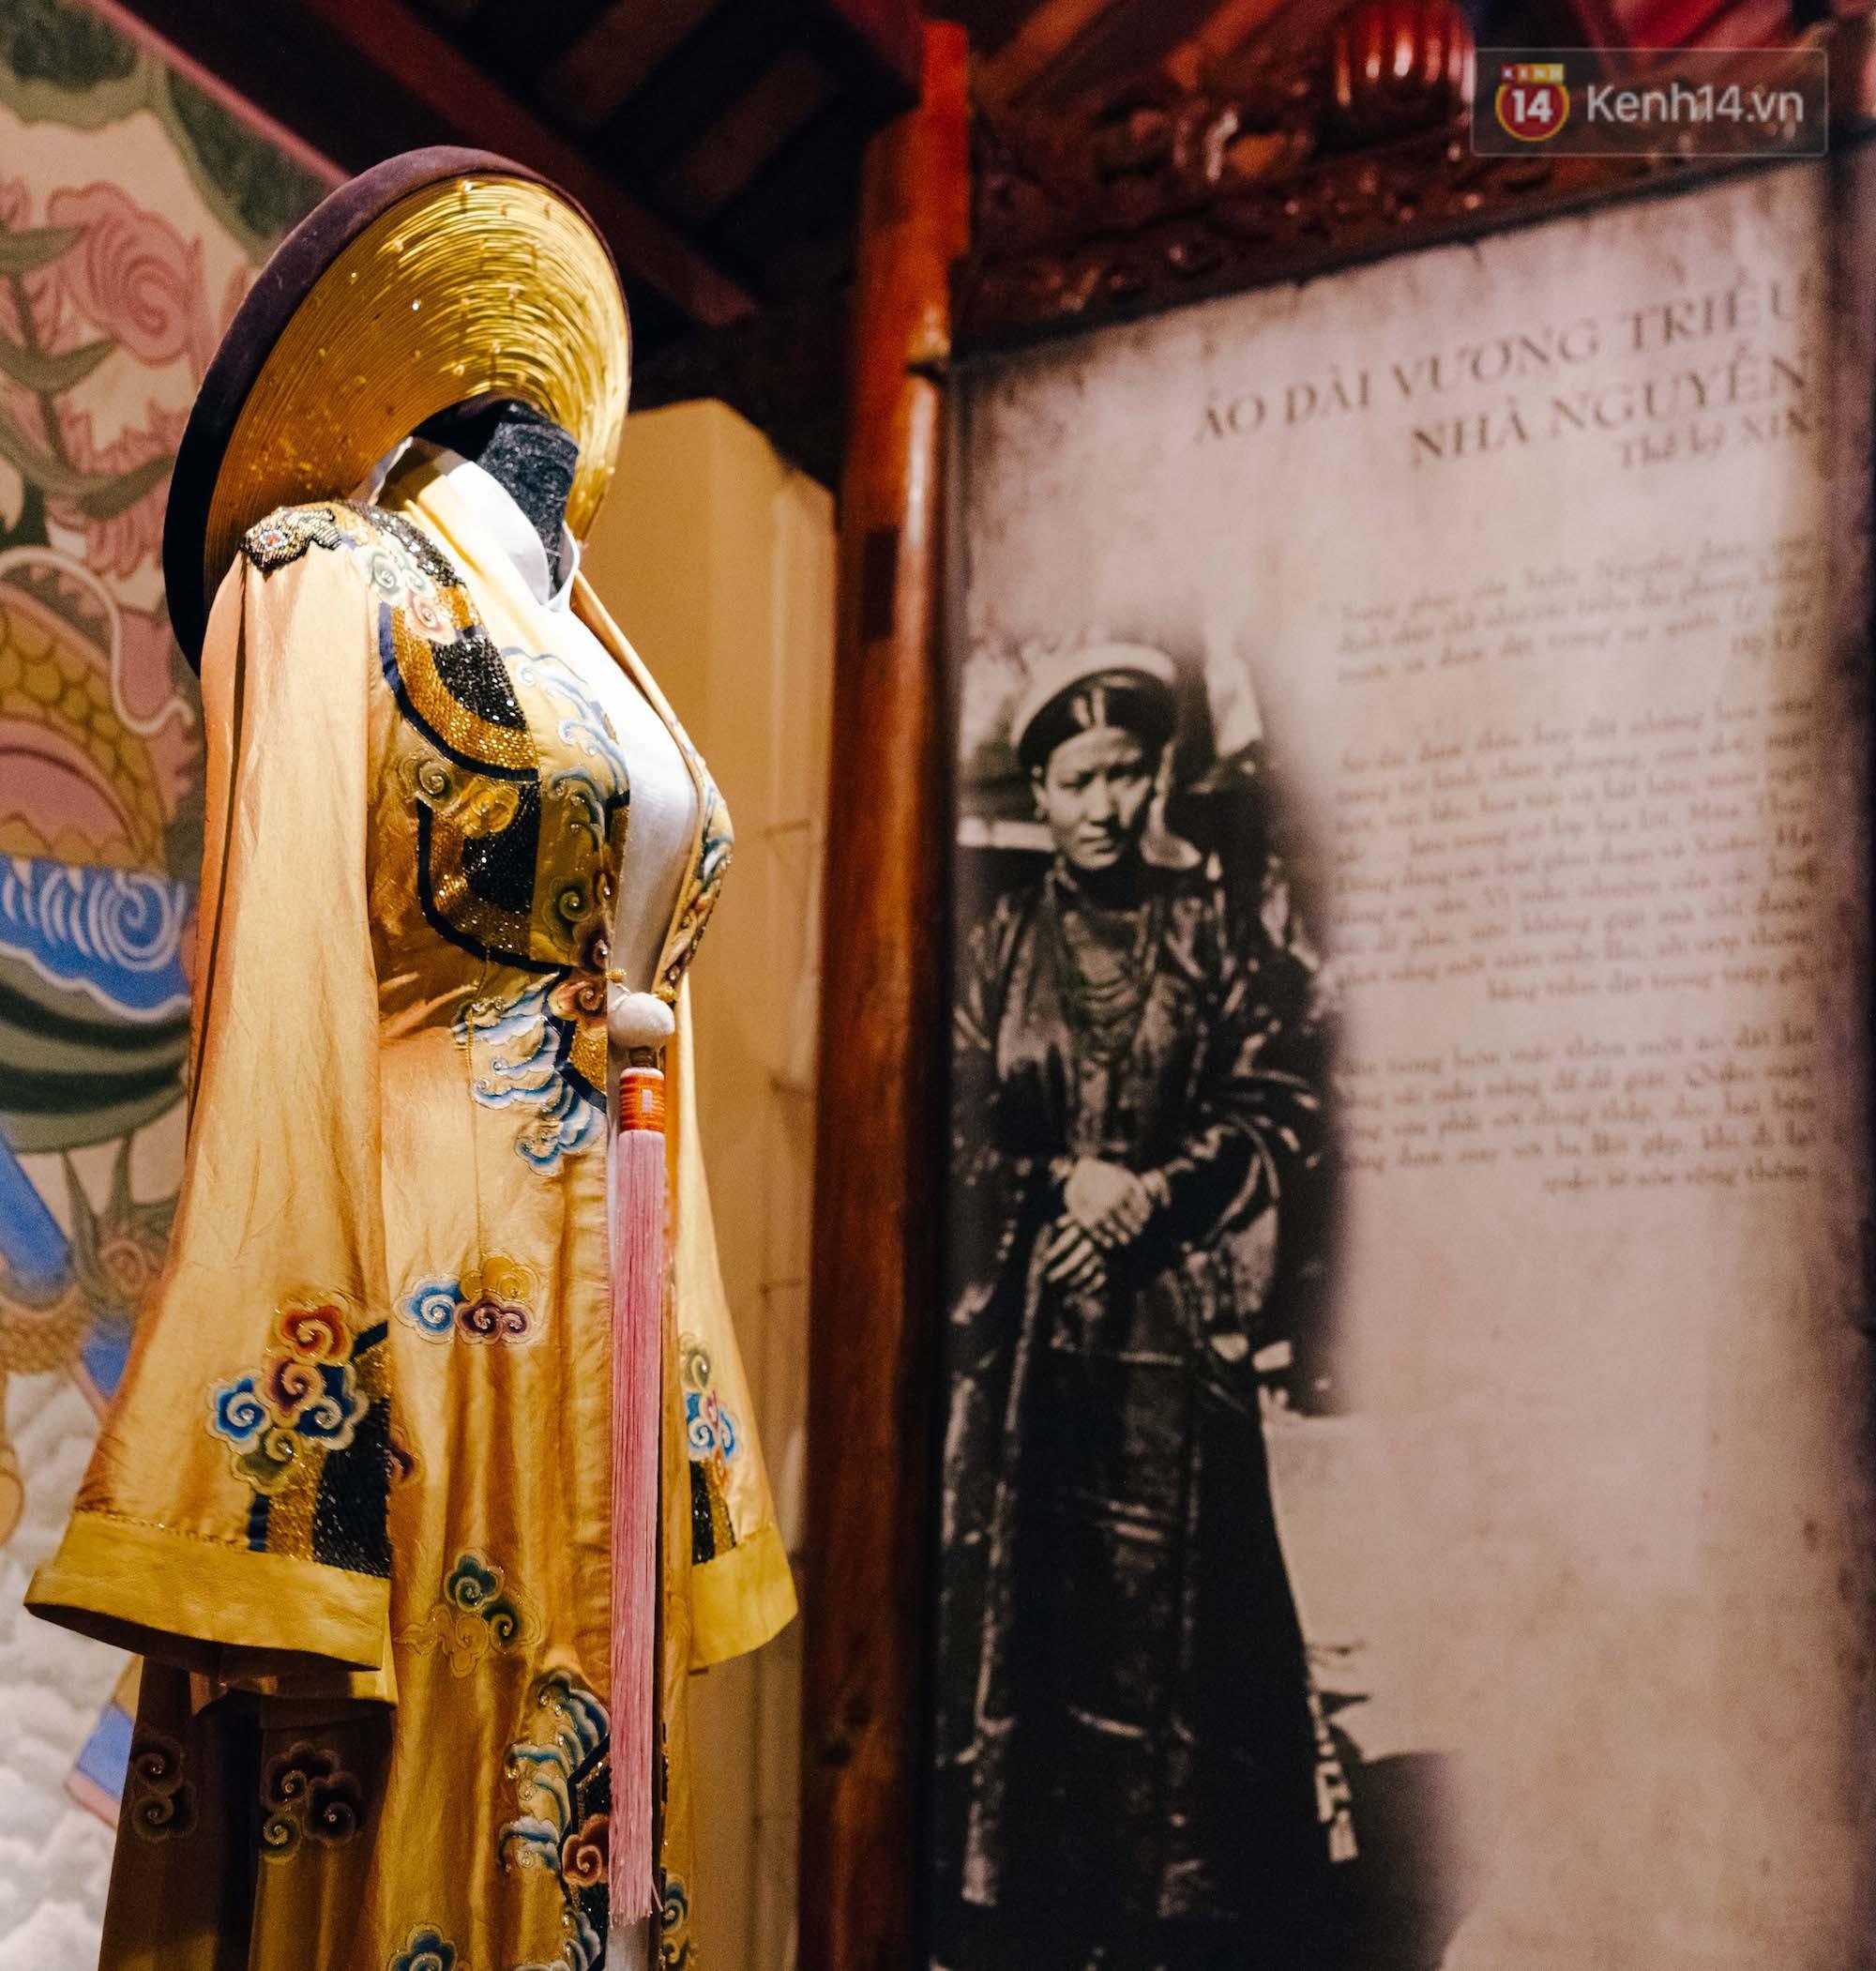 Ở Sài Gòn có một bảo tàng đẹp như tranh chỉ dành riêng để tôn vinh áo dài - Ảnh 4.